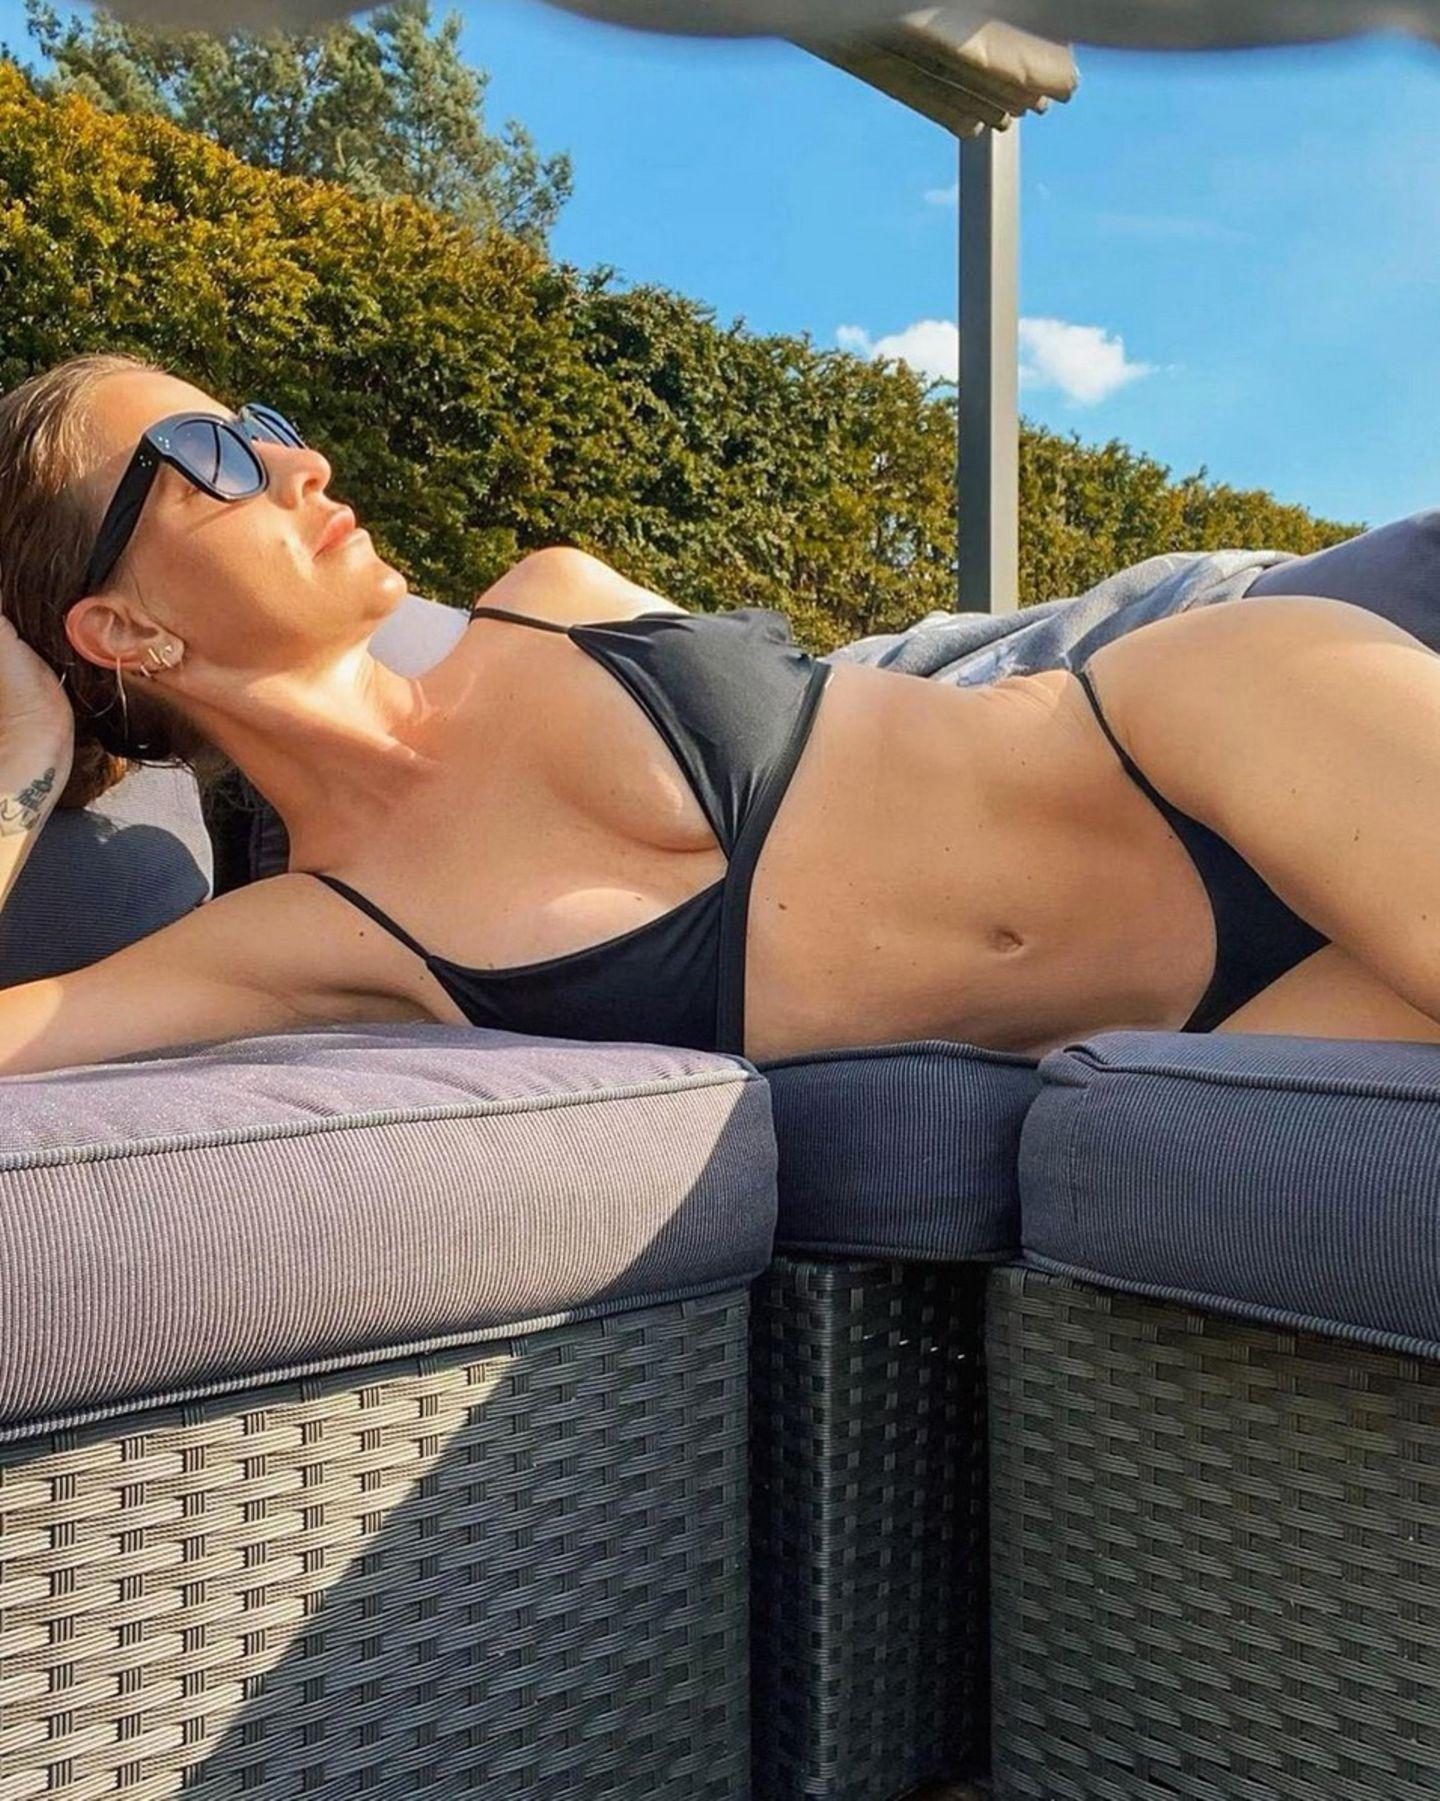 Charlotte Würdig urlaubt in ihrem Garten und zeigt sich dabei von ihrer besten Seite. Ihren perfekt trainiert Körper setzt die 41-Jährigein einem knappen, schwarzen Bikini in Szene. Von ihren Followern erntet sie unzählige Komplimente. Was ihr (Noch-)Ehemann Sido wohl dazu sagt?